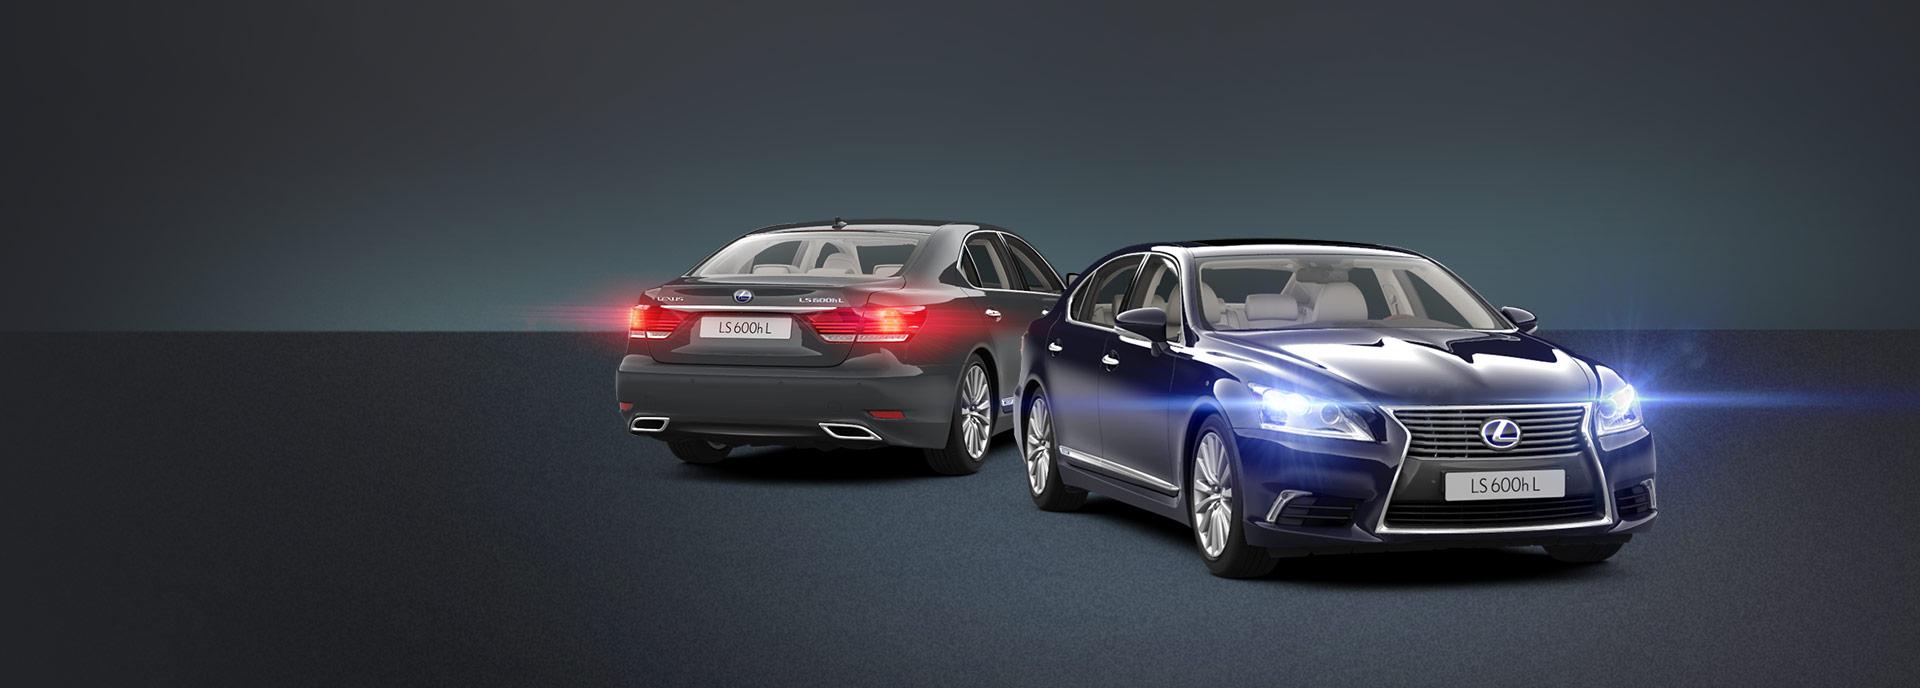 Voor en achteraanzicht Lexus LS 600h L